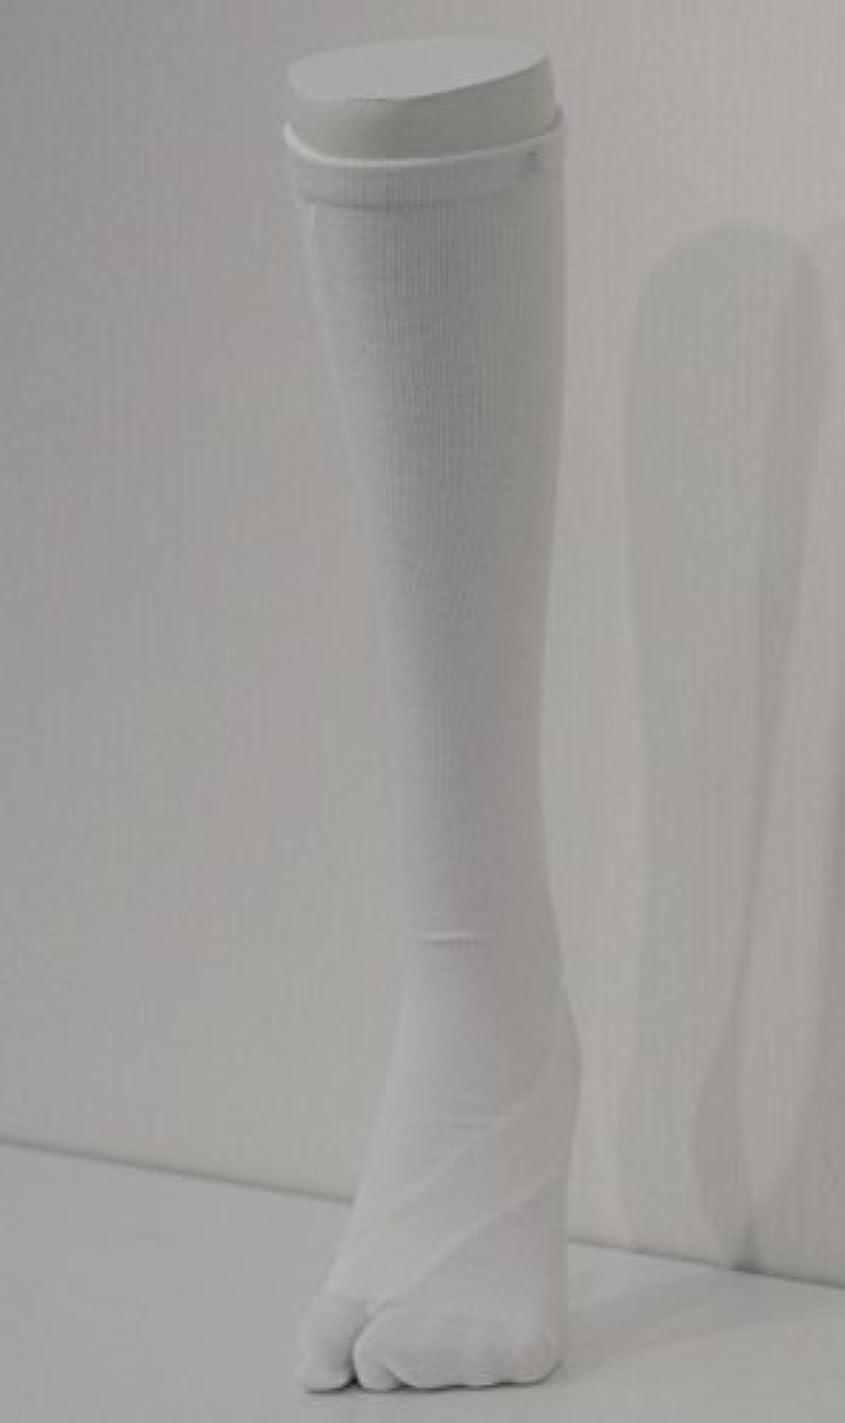 槍理由パイントさとう式 フレクサーソックス ハイソックス 白 (M) 足袋型